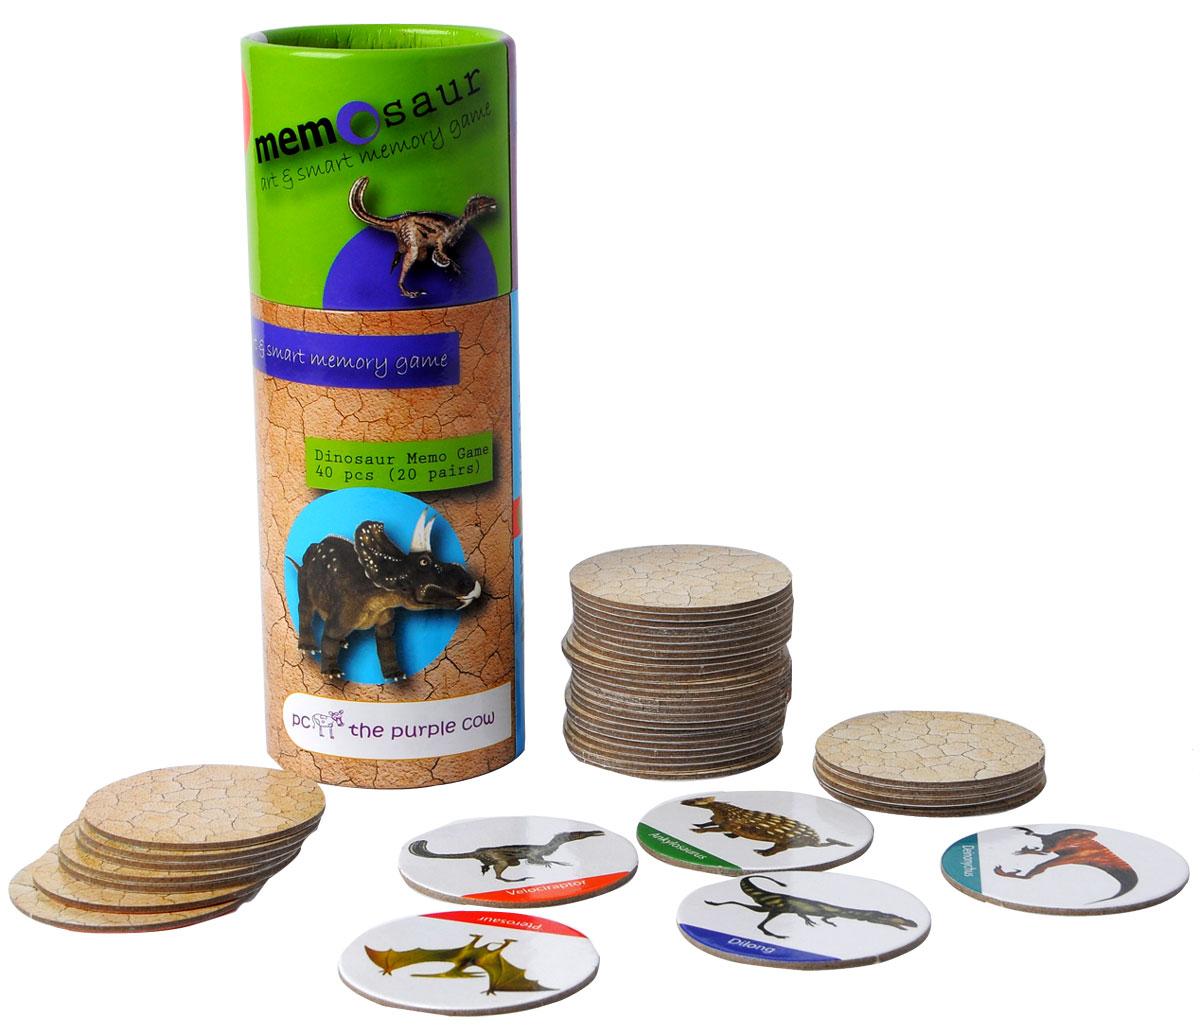 The Purple Cow Настольная игра для развития памяти Динозавры368842Игра для развития памяти - Динозавры. Она состоит колоды из парных карточек. Колода тщательно перемешиваются между собой и раскладываются в случайном порядке «рубашкой» вверх в любом порядке, главное, чтобы карточки не перекрывали друг друга. Каждый игрок может открывать любые две карточки за один ход. Если при открытии образовалась «парочка», то игрок забирает обе карточки себе и делает следующий ход. Если картинки на перевернутых карточках разные, то игрок кладет открытые карточки на их прежнее место лицевой стороной вверх так, чтобы все участники игры могли на них посмотреть и запомнить их расположение, после чего открытые карточки переворачивают обратно «рубашкой» вверх и ход переходит к следующему игроку. Выигрывает тот, кто набирает больше всех парных карточек за игру.